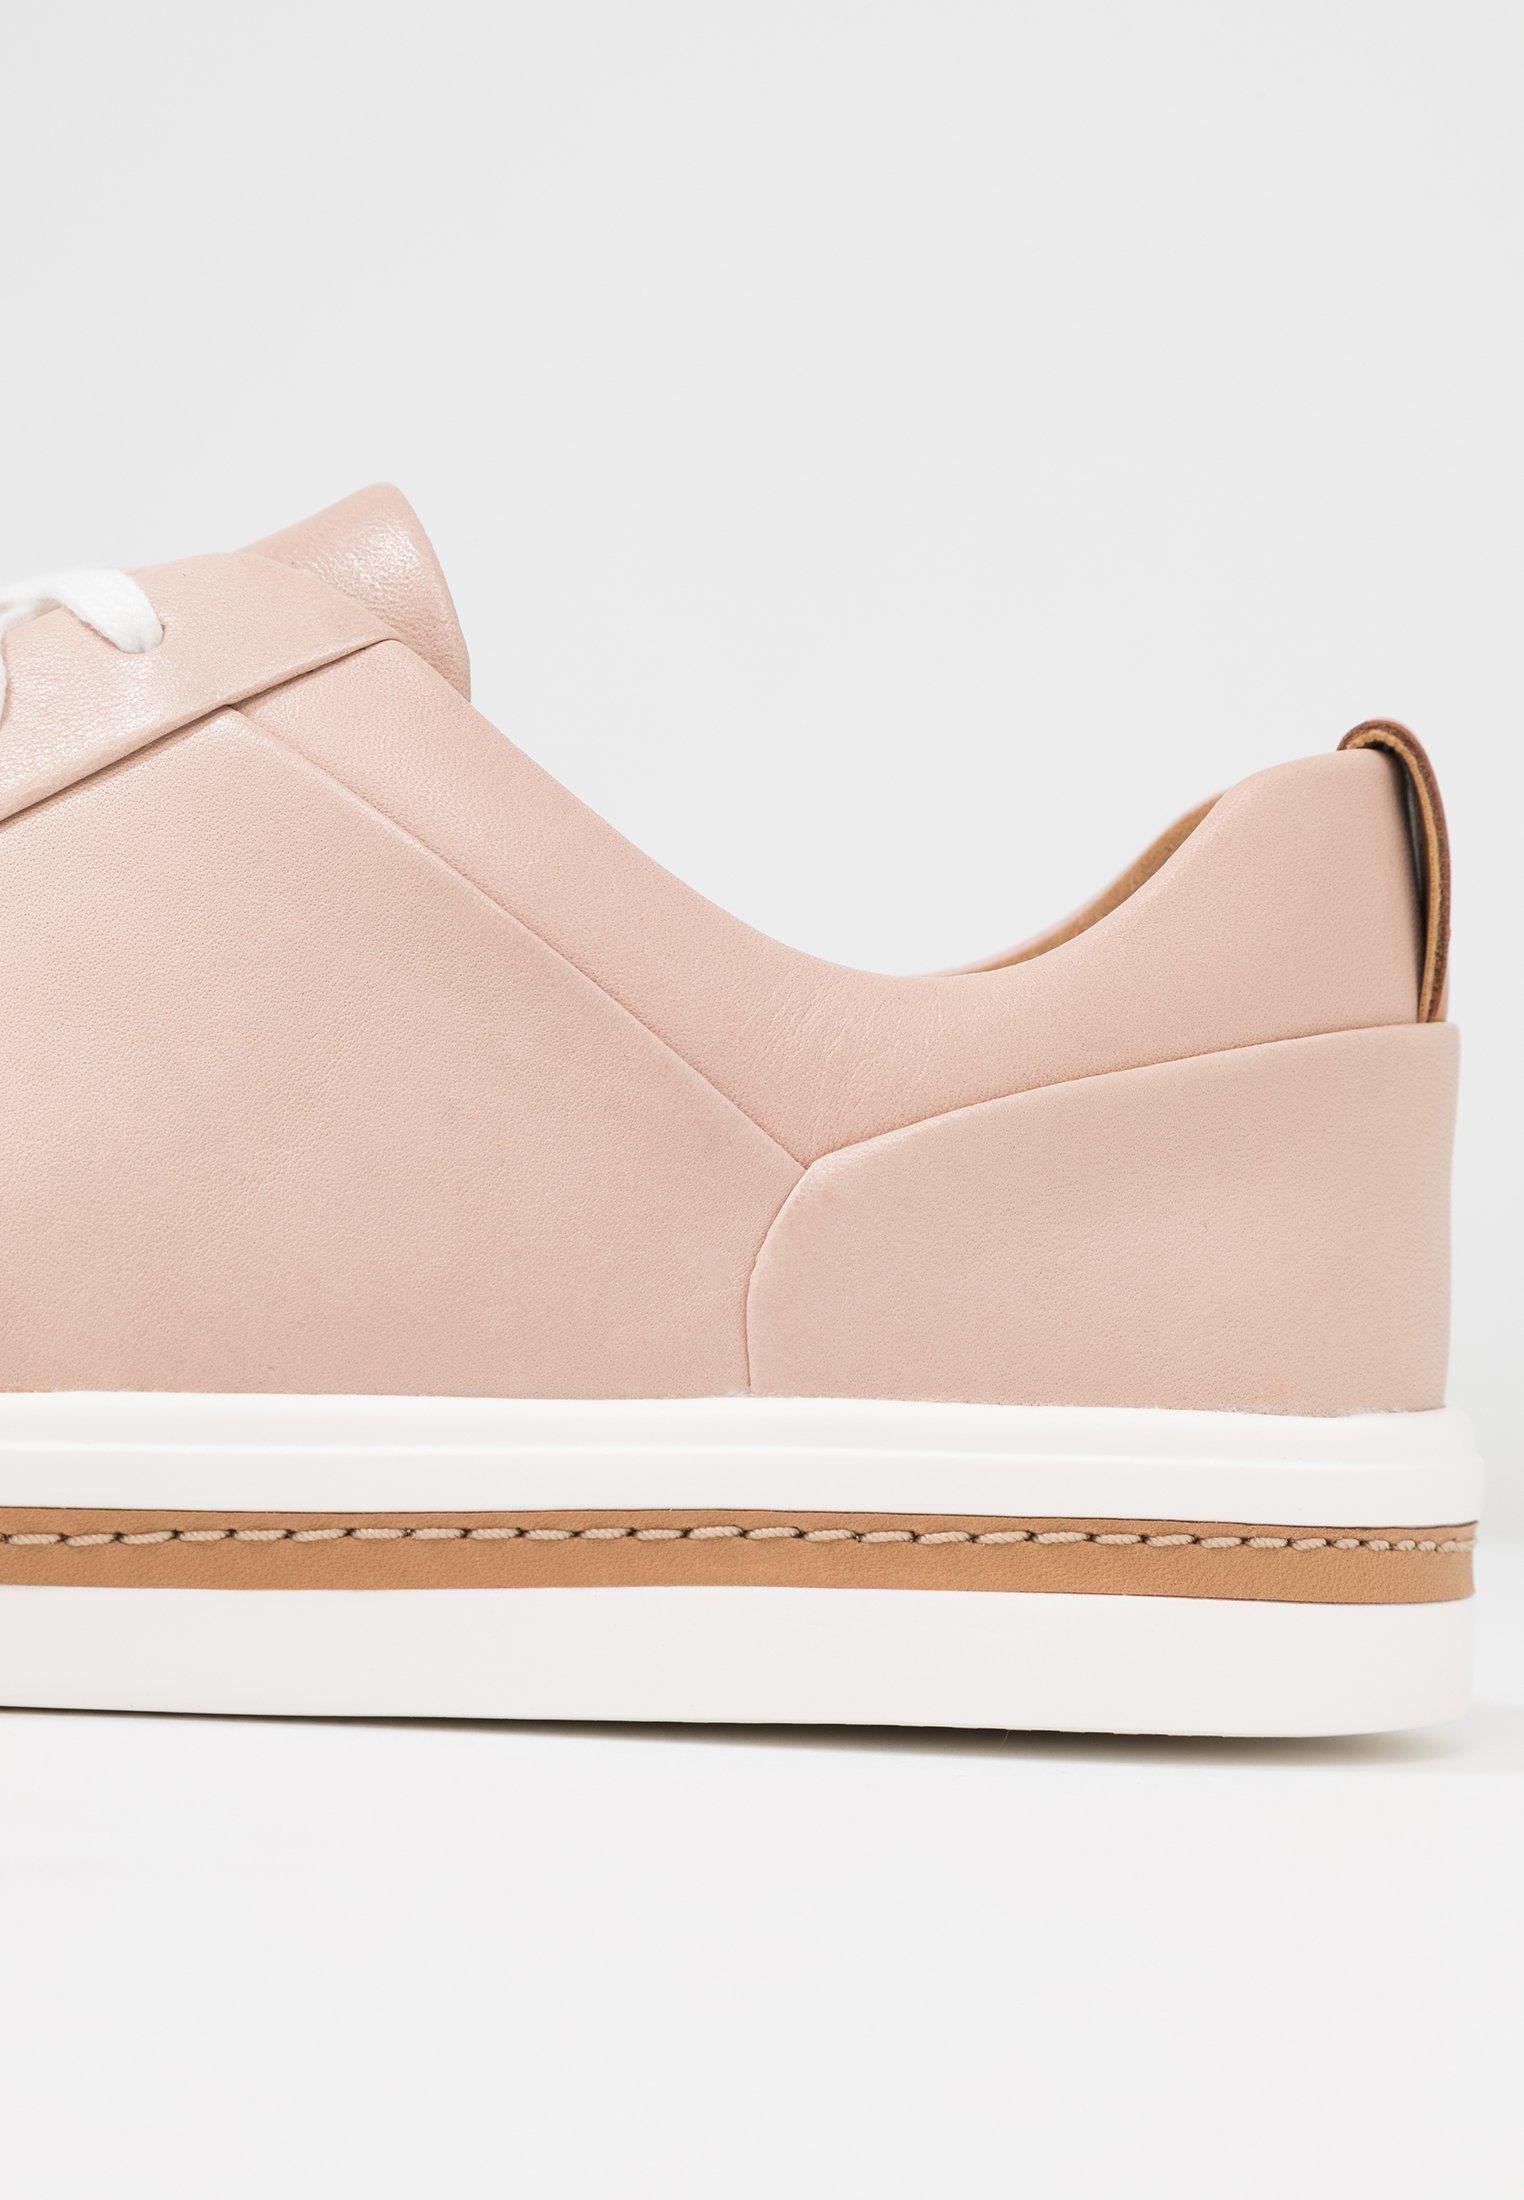 Clarks Unstructured UN MAUI LACE - Baskets basses - nude - Sneakers femme Dernier